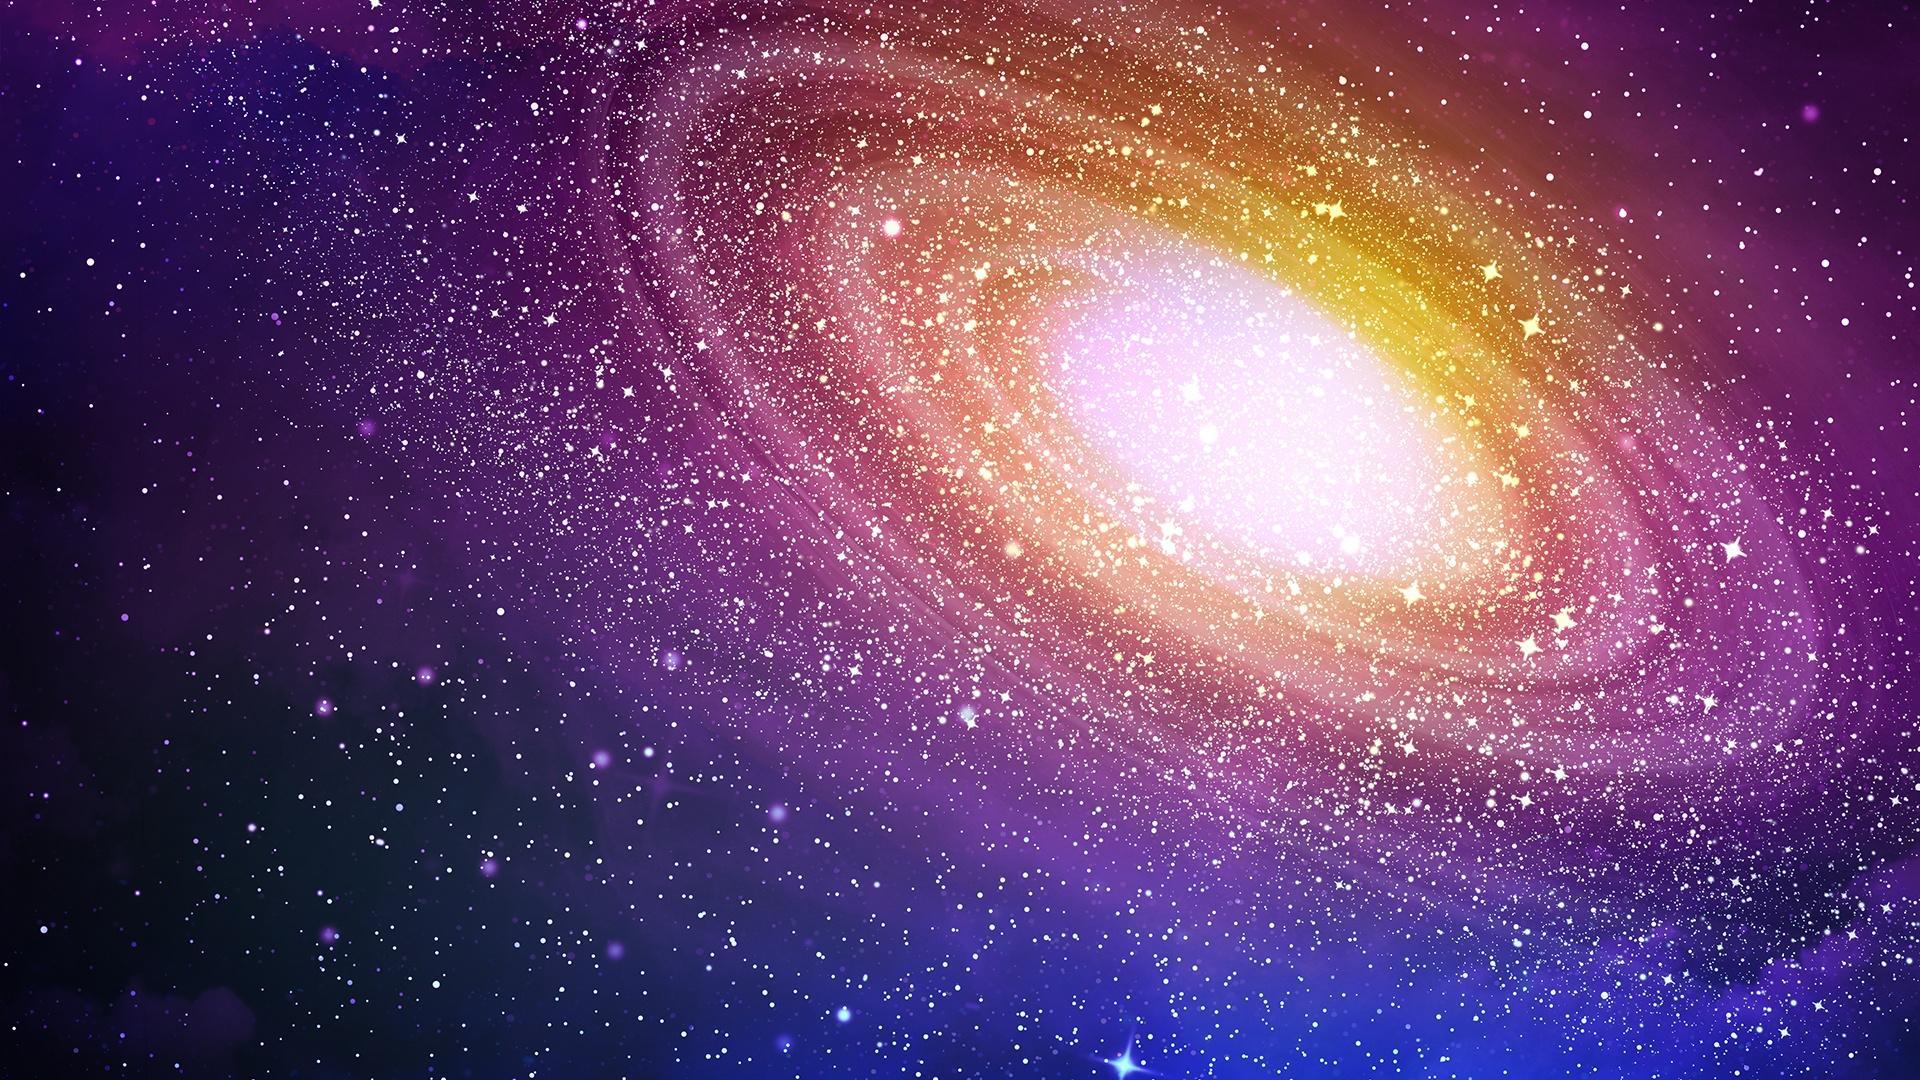 các hành tinh trong Hệ Mặt Trời bằng tiếng Anh